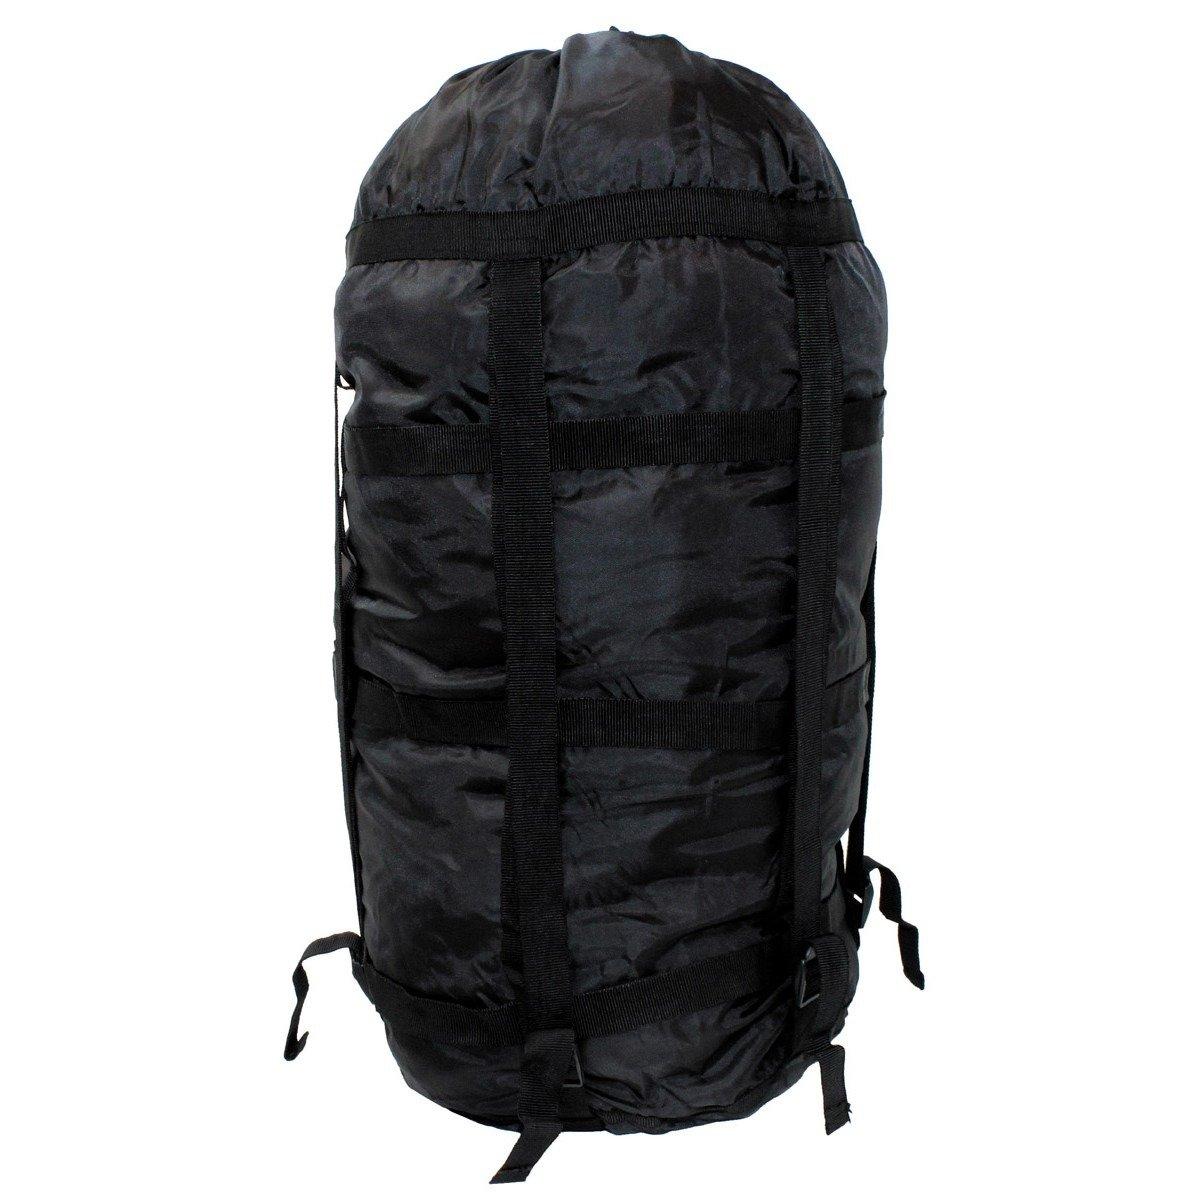 US Compression Bag for sleeping bag, black